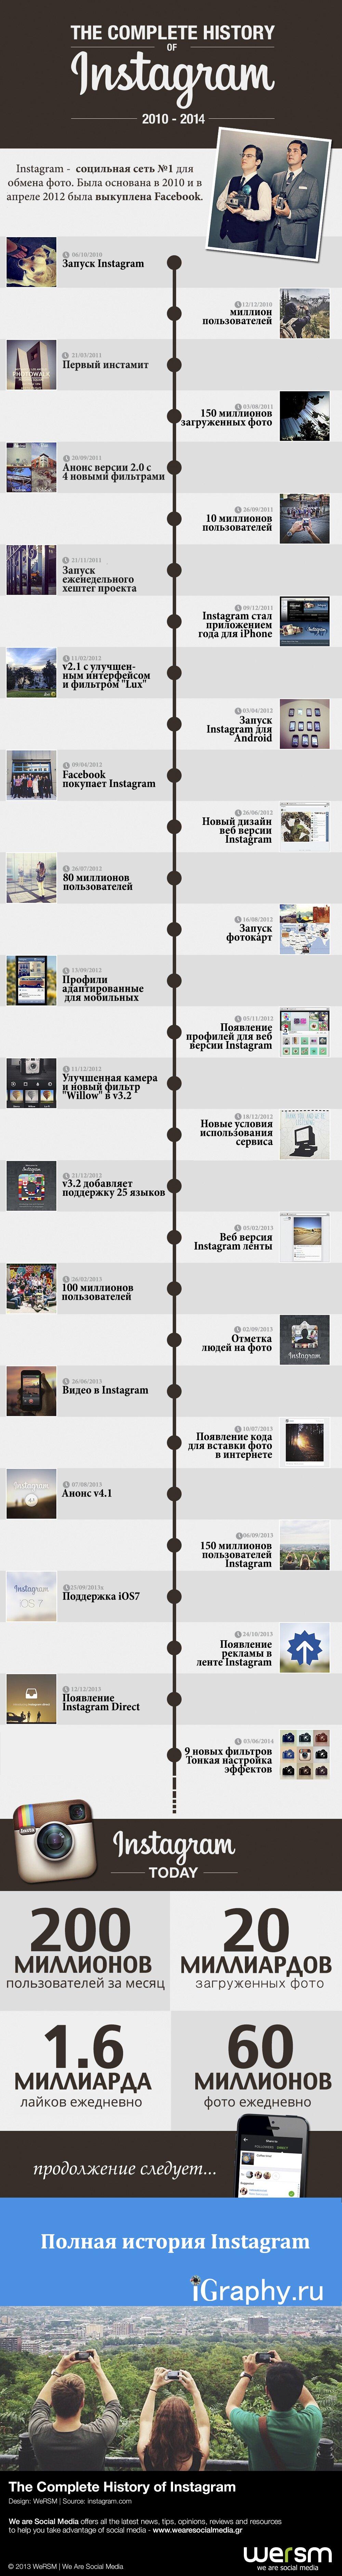 Становление Instagram. История успеха